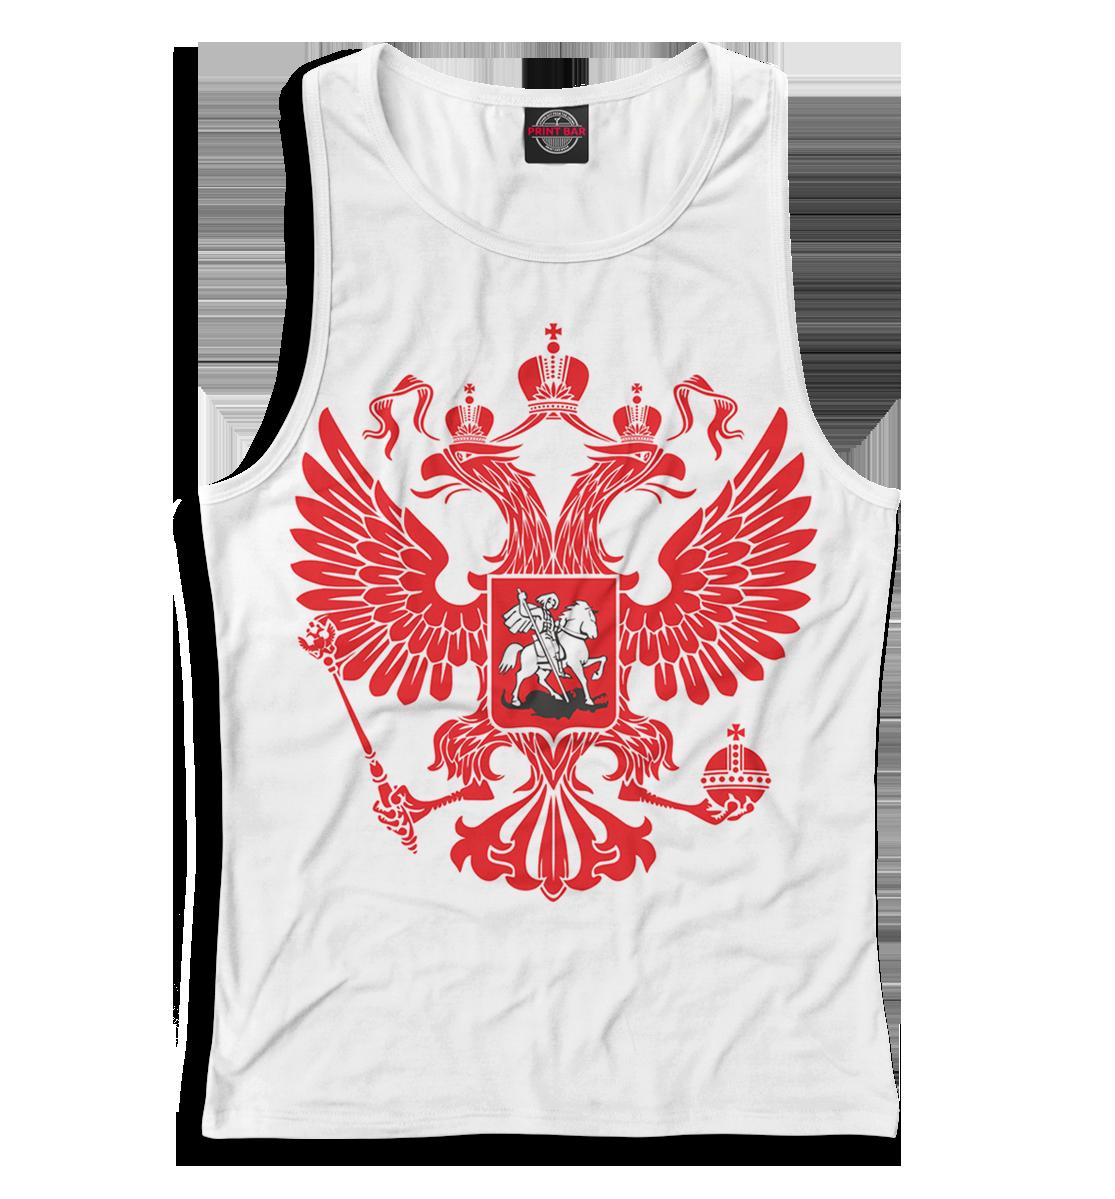 Купить Женская майка-борцовка Двуглавый орел SRF-905396-mayb-1